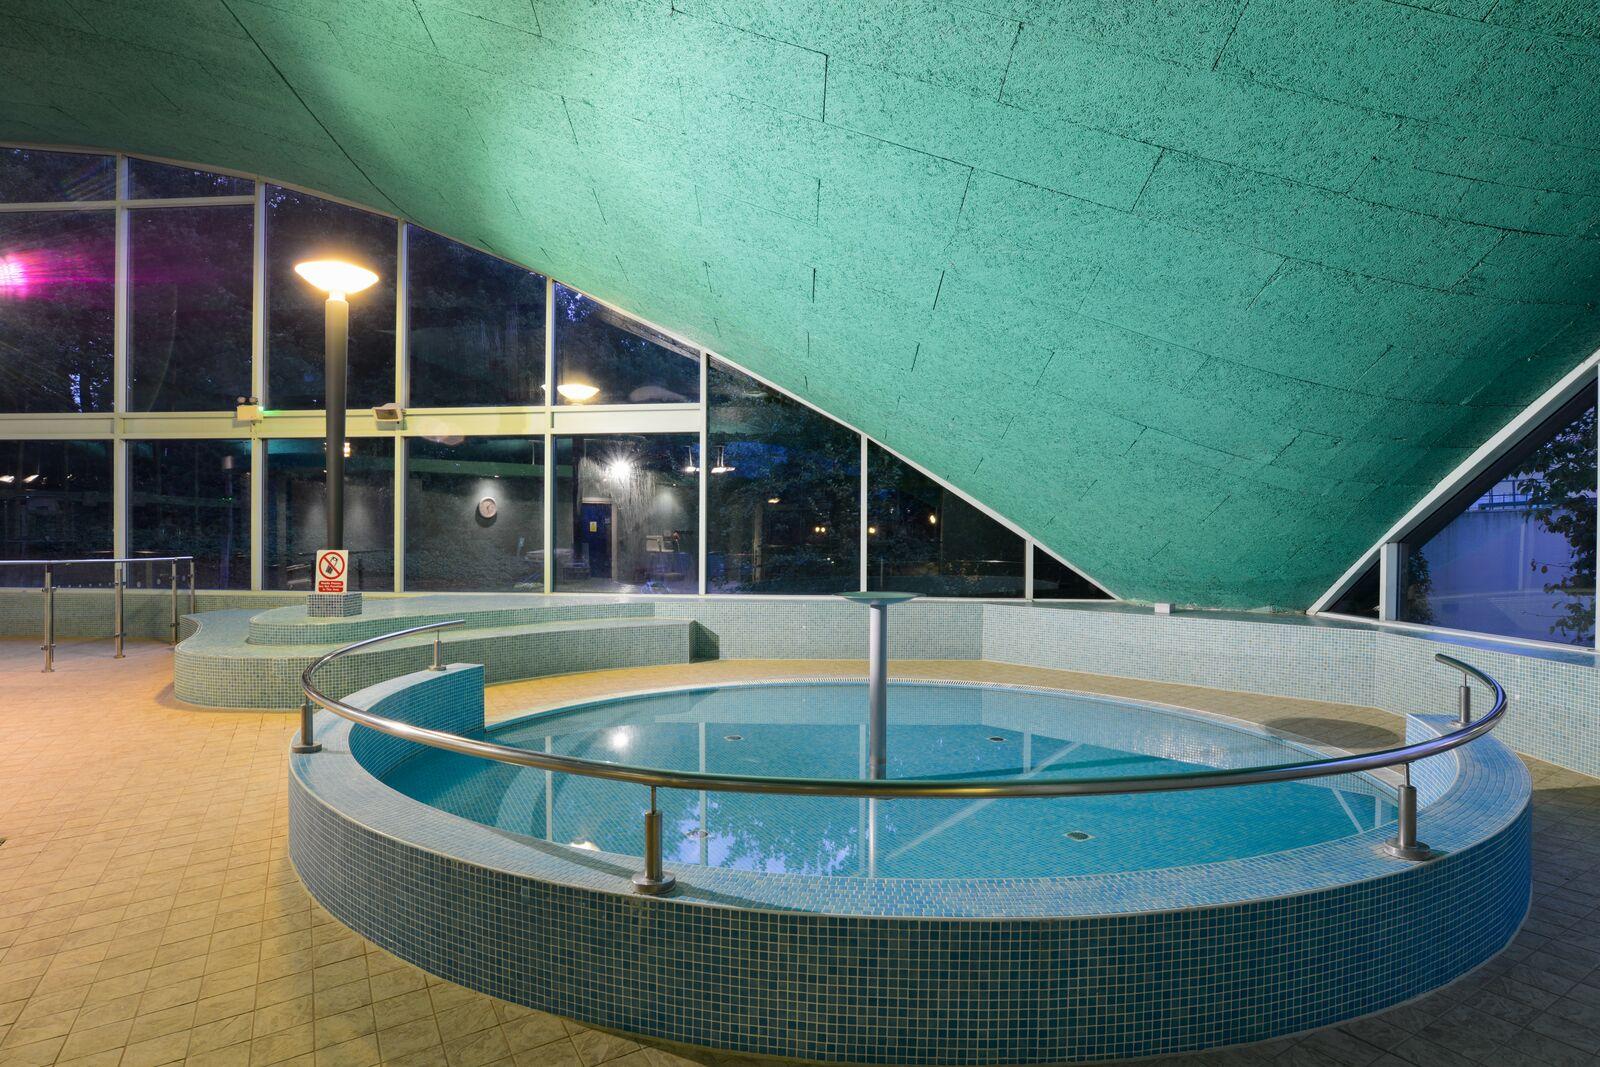 David Lloyd Norwich hydro pool